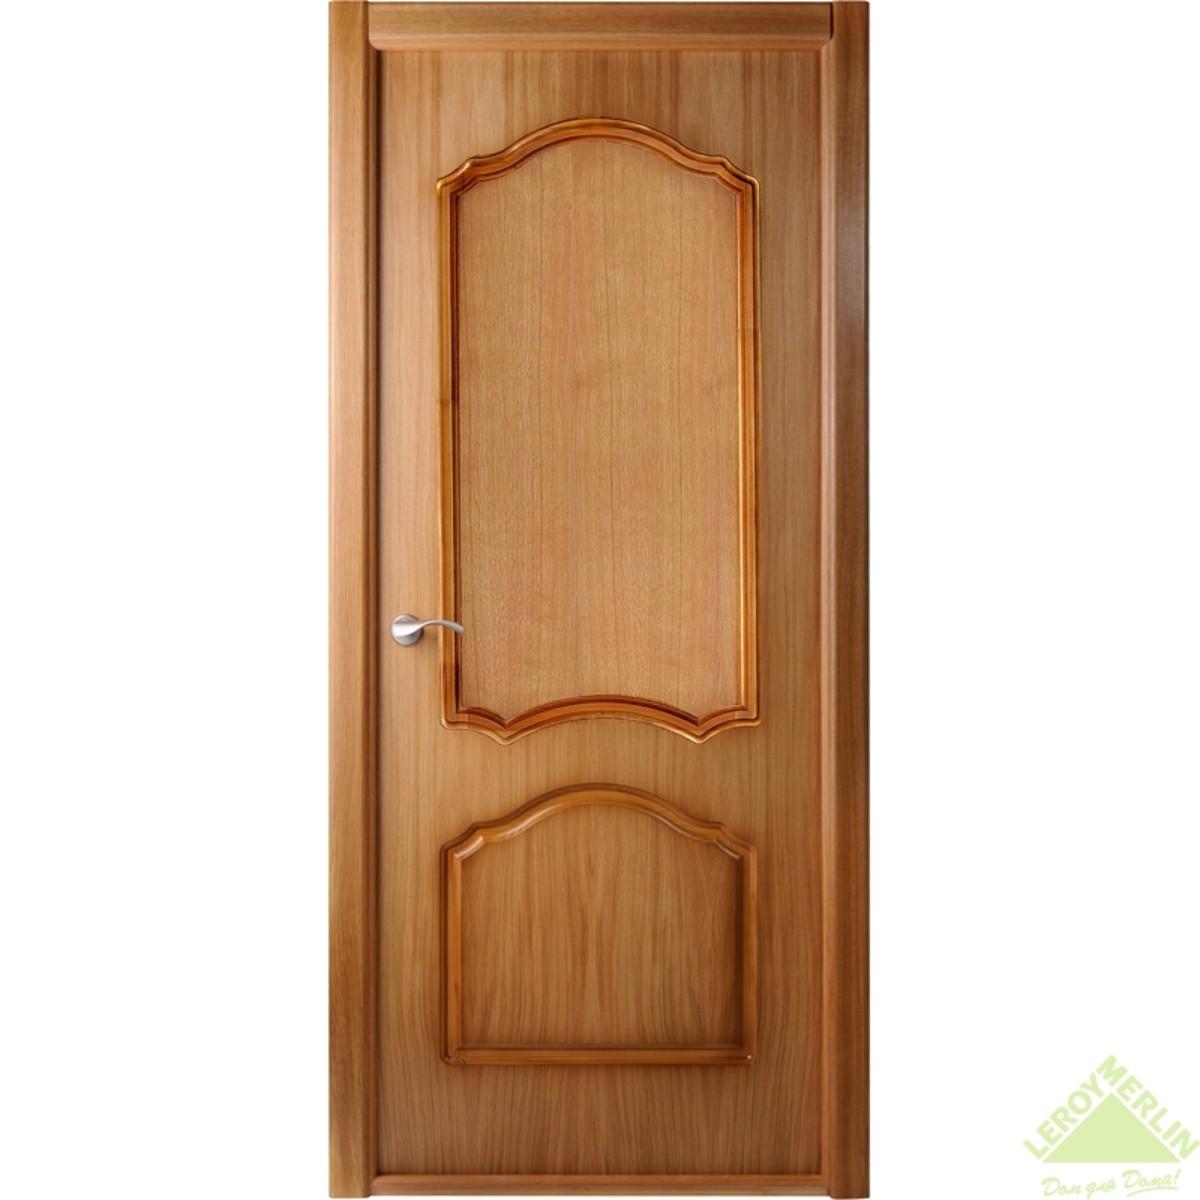 Дверь Межкомнатная Глухая Каролина 70x200 Ламинация Цвет Дуб